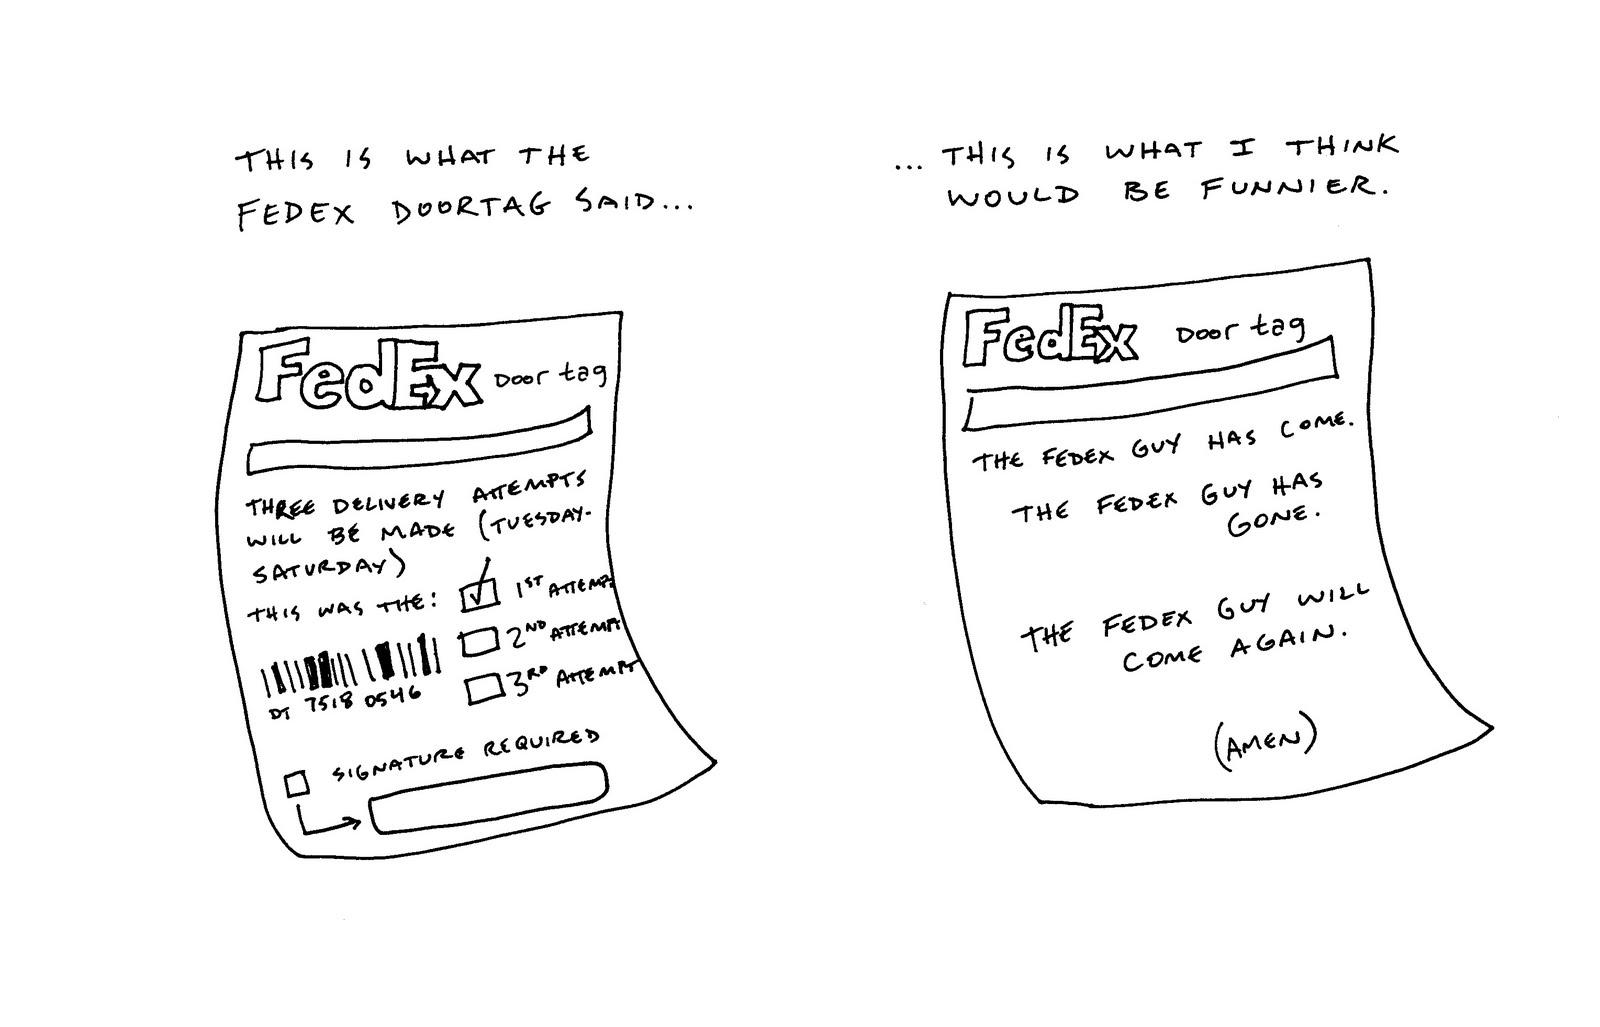 image regarding Fedex Door Tag Printable named Printable fedex doorway tag permission launch type - The